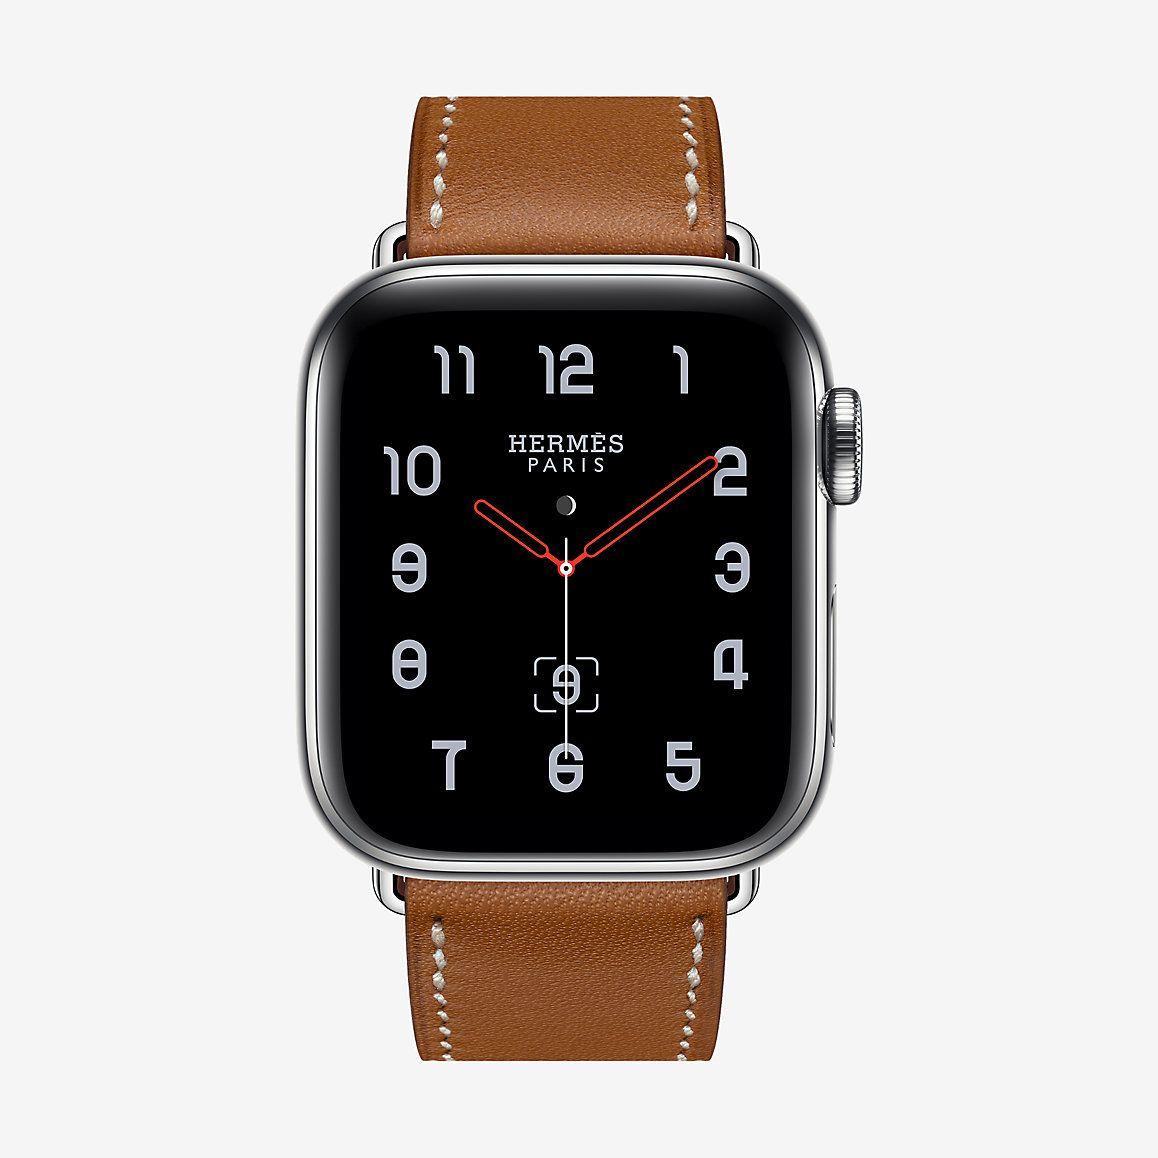 Boitier Awh S4 Inox 40mm World Wide Apple Watch Hermes Strap Single Tour 40 Mm Bracelet Apple Watch Apple Watch Cadran Apple Watch